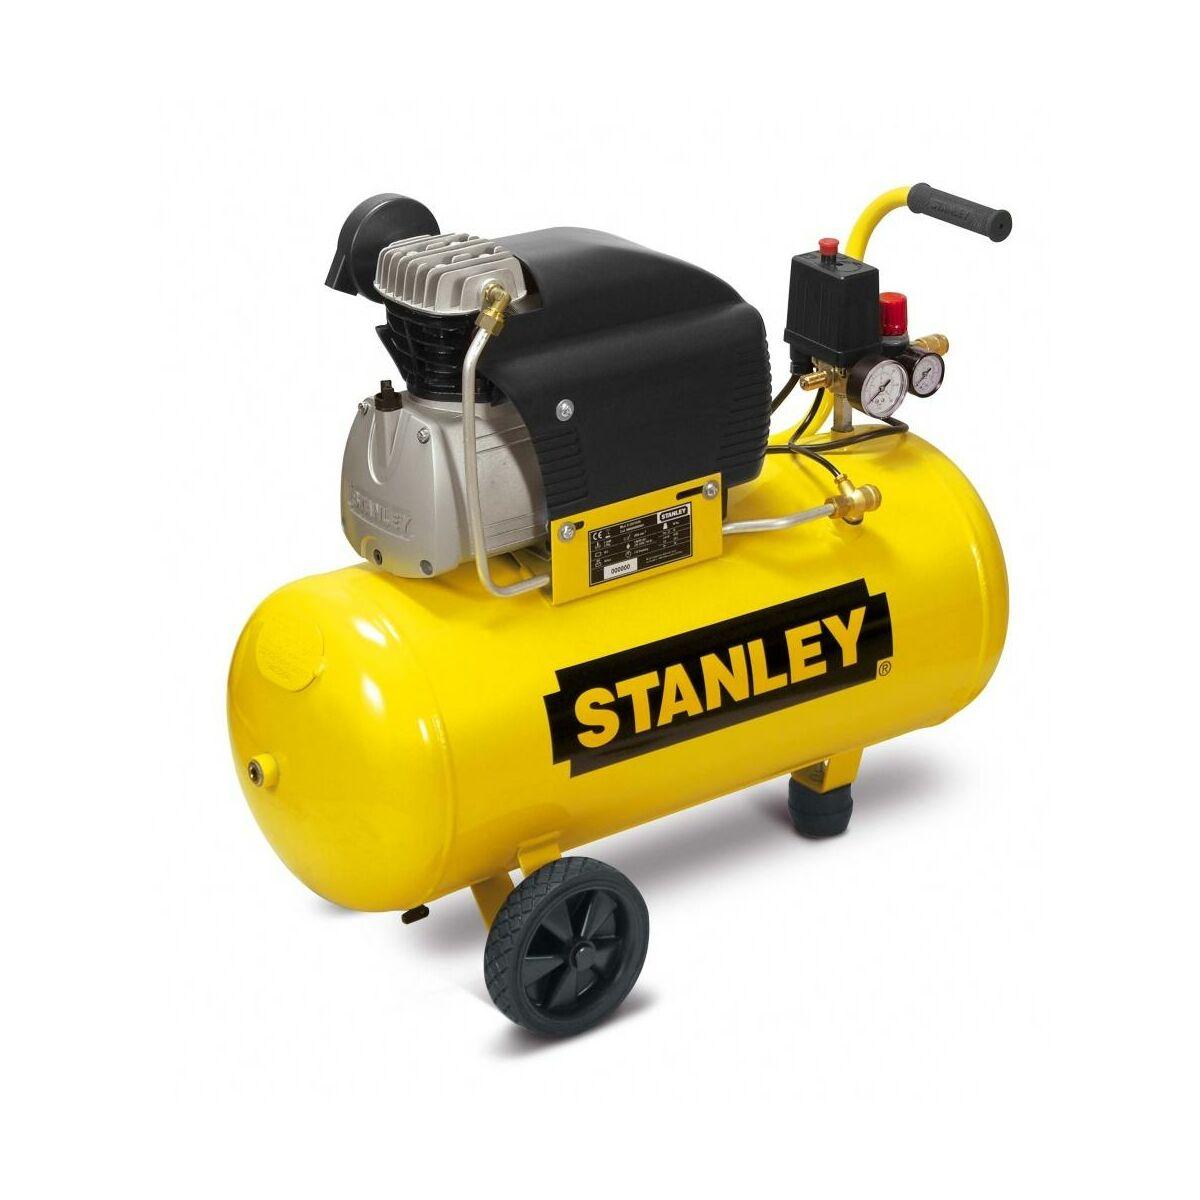 Sprezarka Fcdv404stn006 50 L 8 Bar Stanley Kompresory W Atrakcyjnej Cenie W Sklepach Leroy Merlin